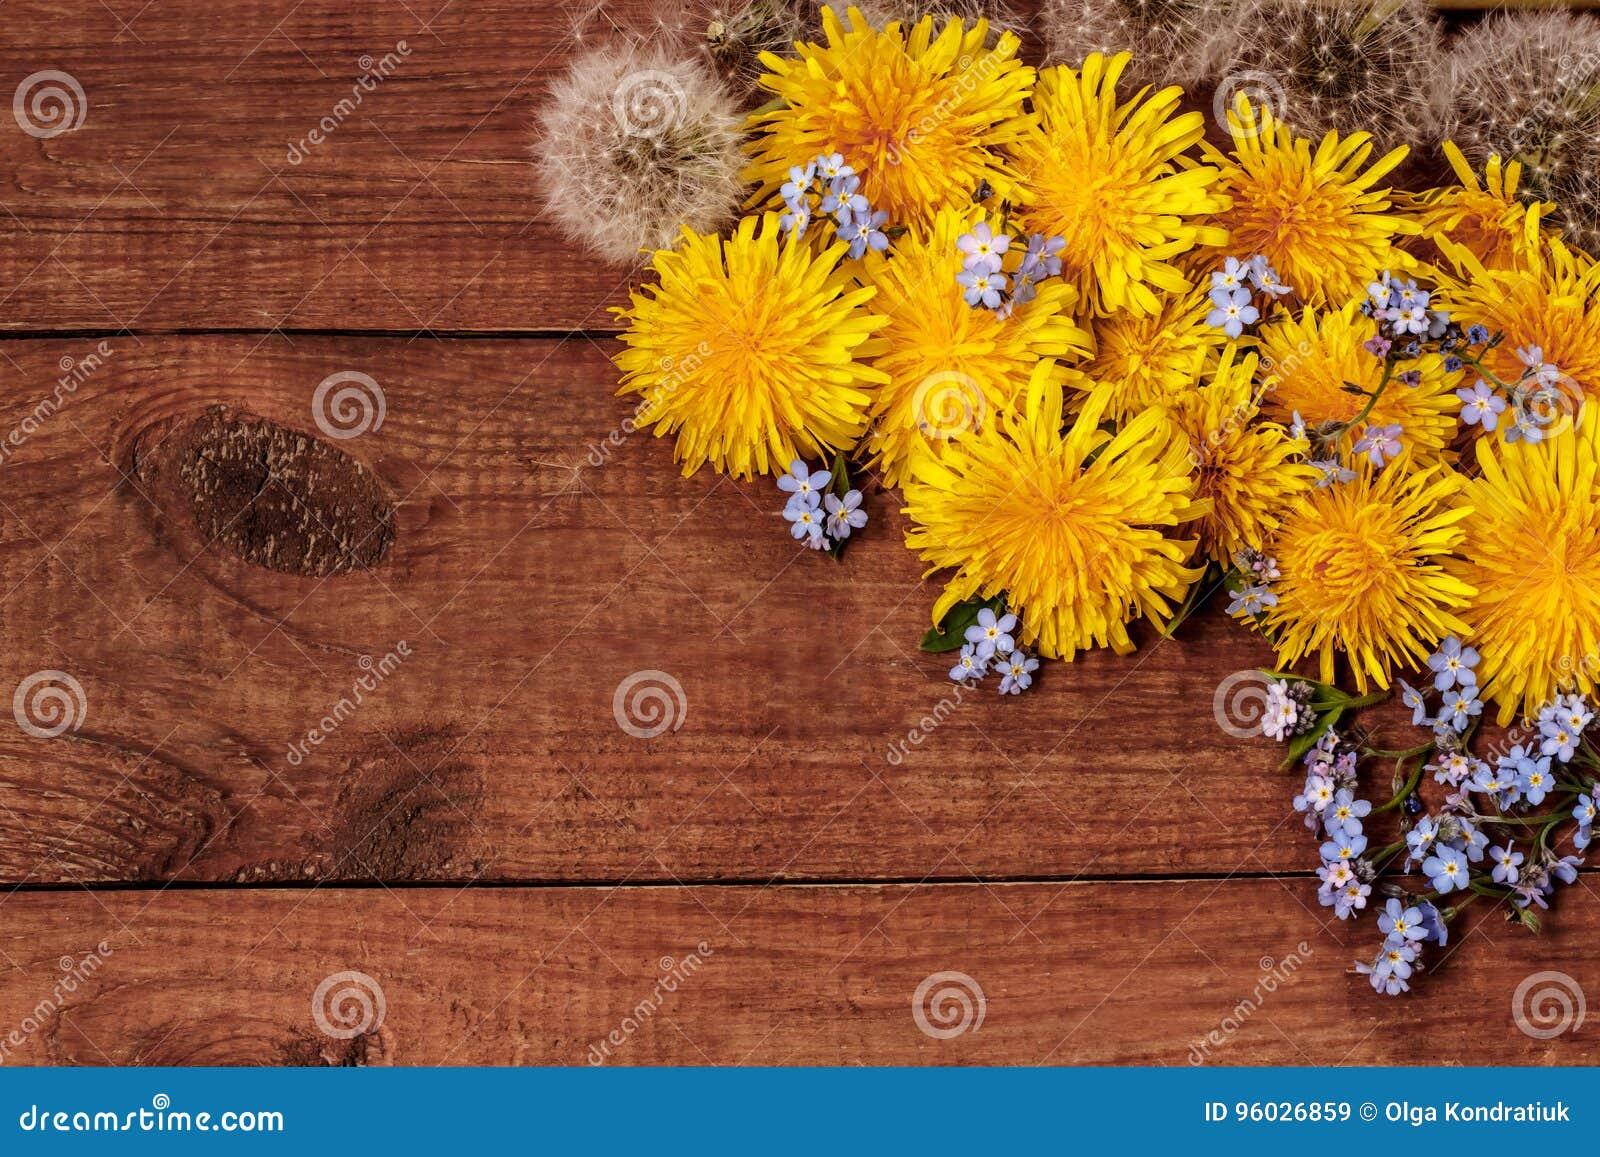 Błękit ja, żółci i biali dandelions na brown drewnianym tle,